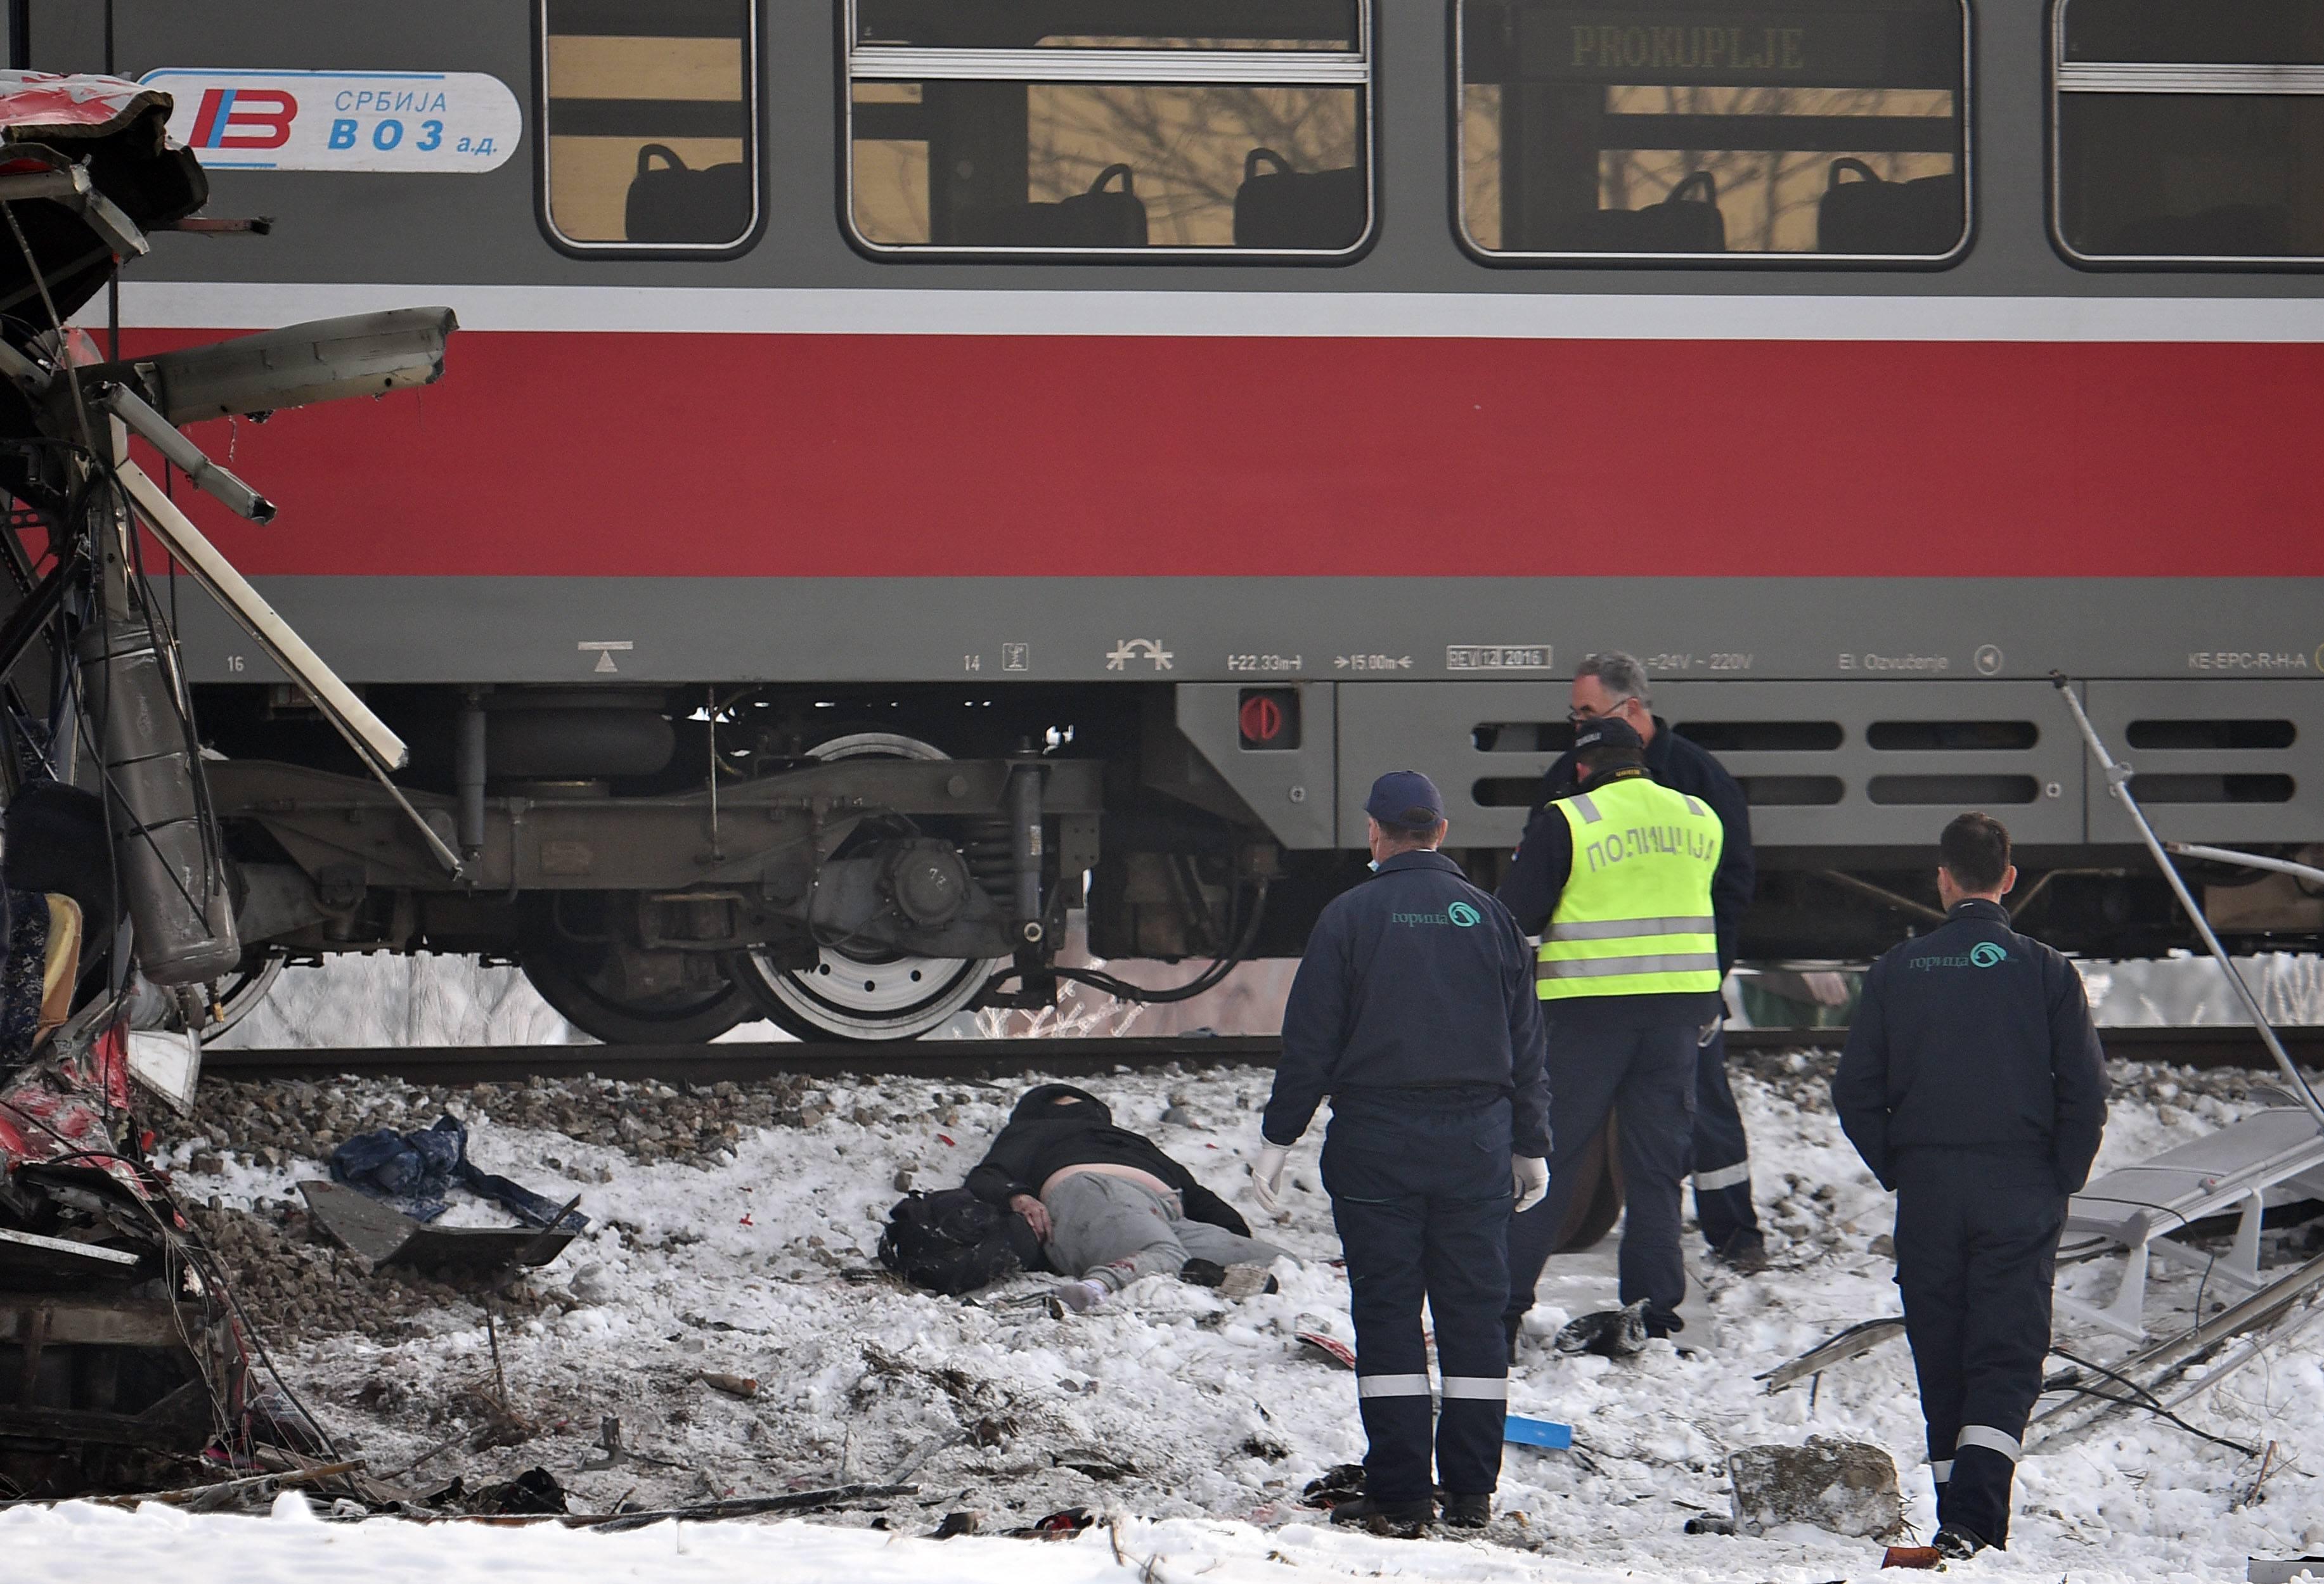 Nis, 21.12.2018. -  U sudaru putnickog autobusa i voza jutros kod Nisa poginule su tri osobe, dok je 22 povredjenih prebaceno u niski Klinicko-bolnicki centar, saopstio je danas MUP. Sudar se dogodio oko 7.30 casova na pruznom prelazu u Donjem Medjurovu, a na mestu nesrece su pripadnici saobracajne policije i vatrogasno-spasilacke ekipe. (BETAPHOTO/SASA DJORDJEVIC/DS)